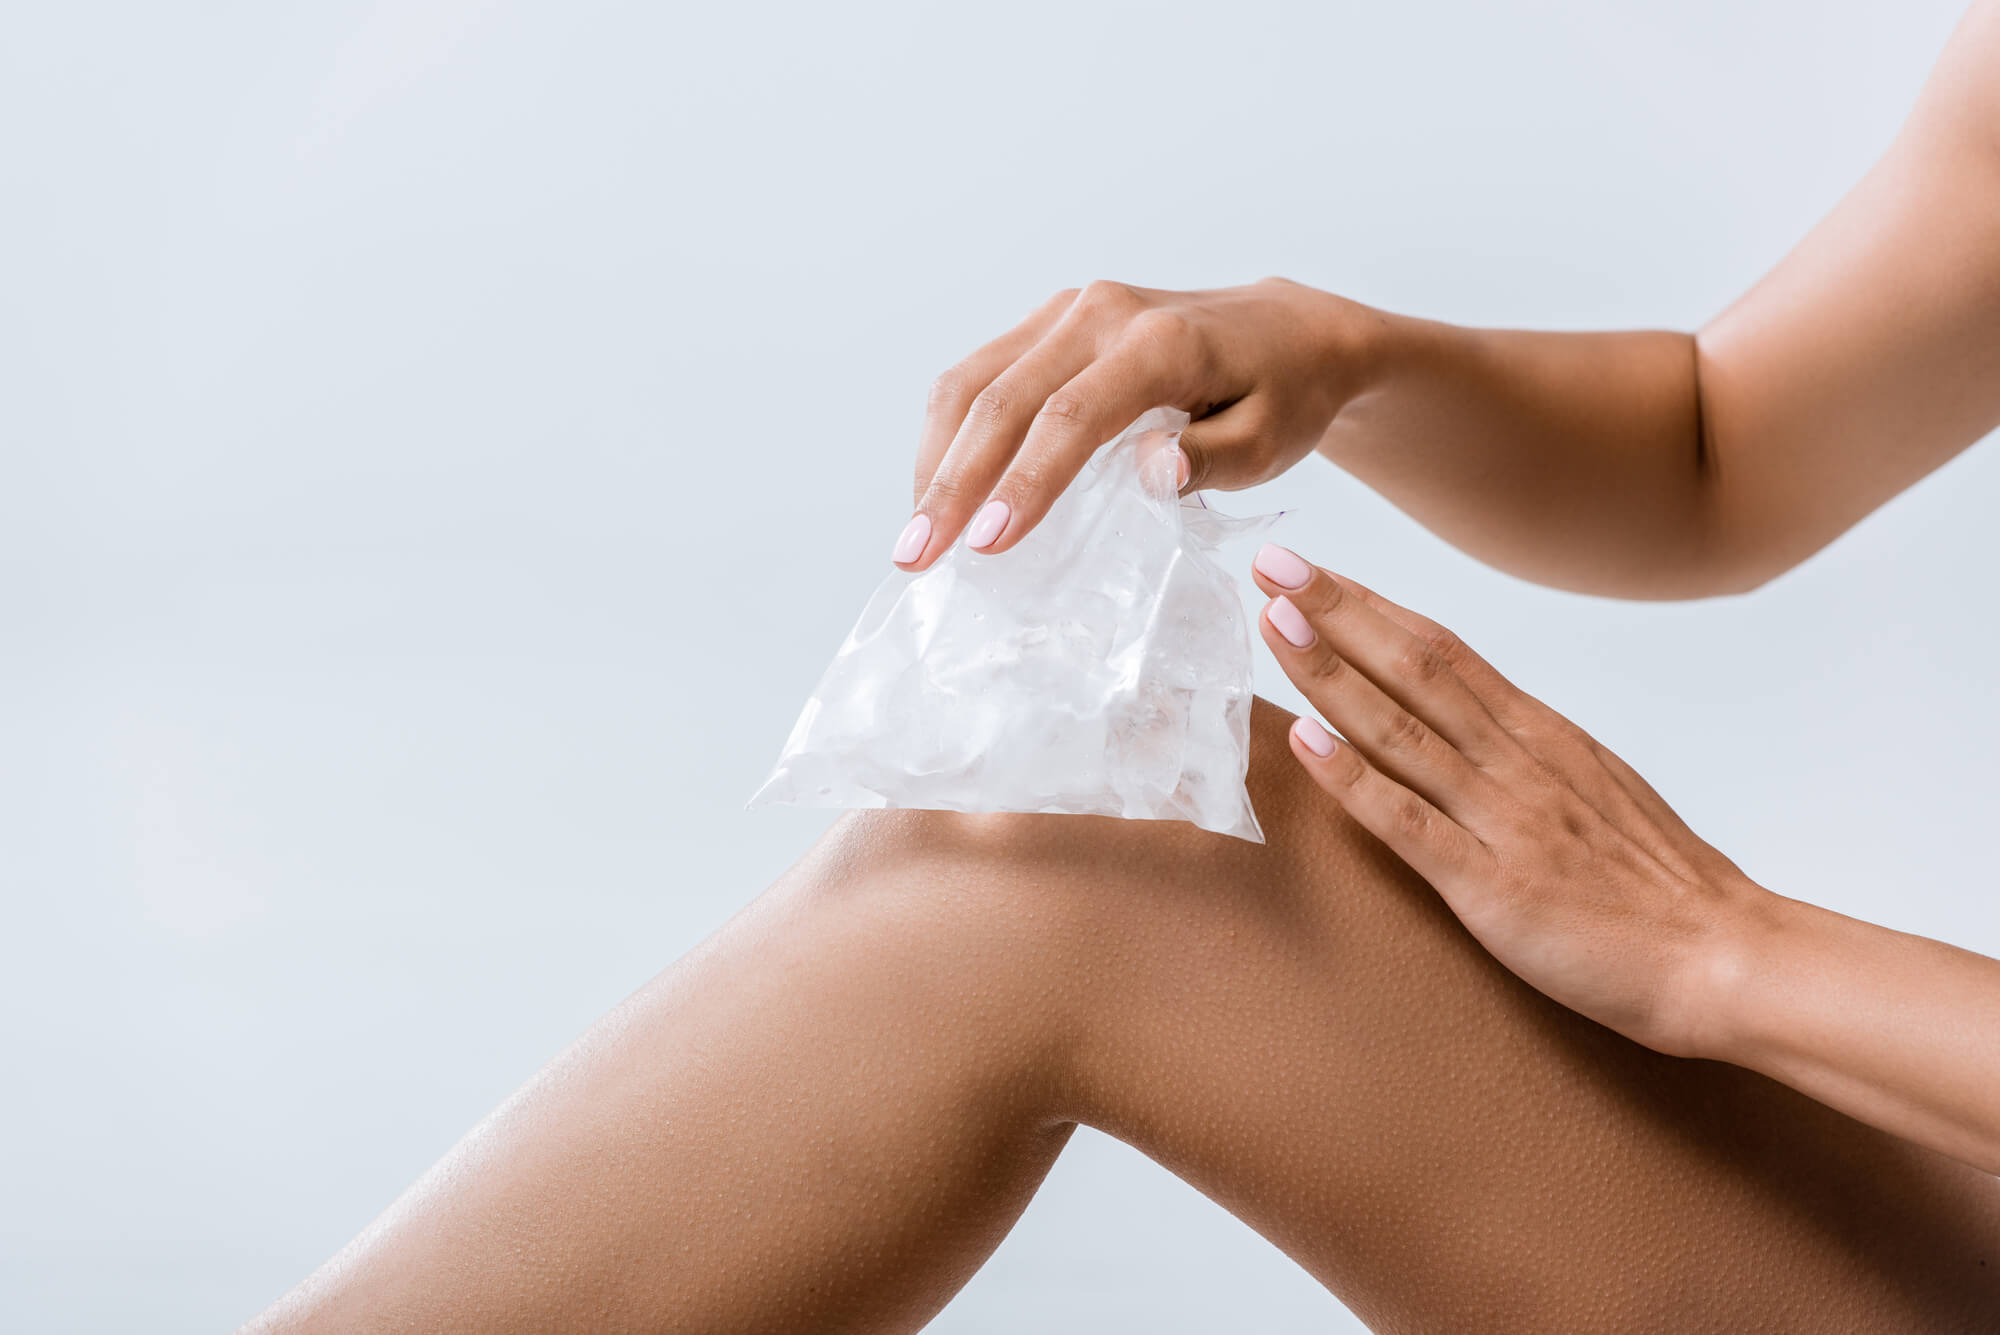 ¿Por qué el hielo es bueno en las lesiones?